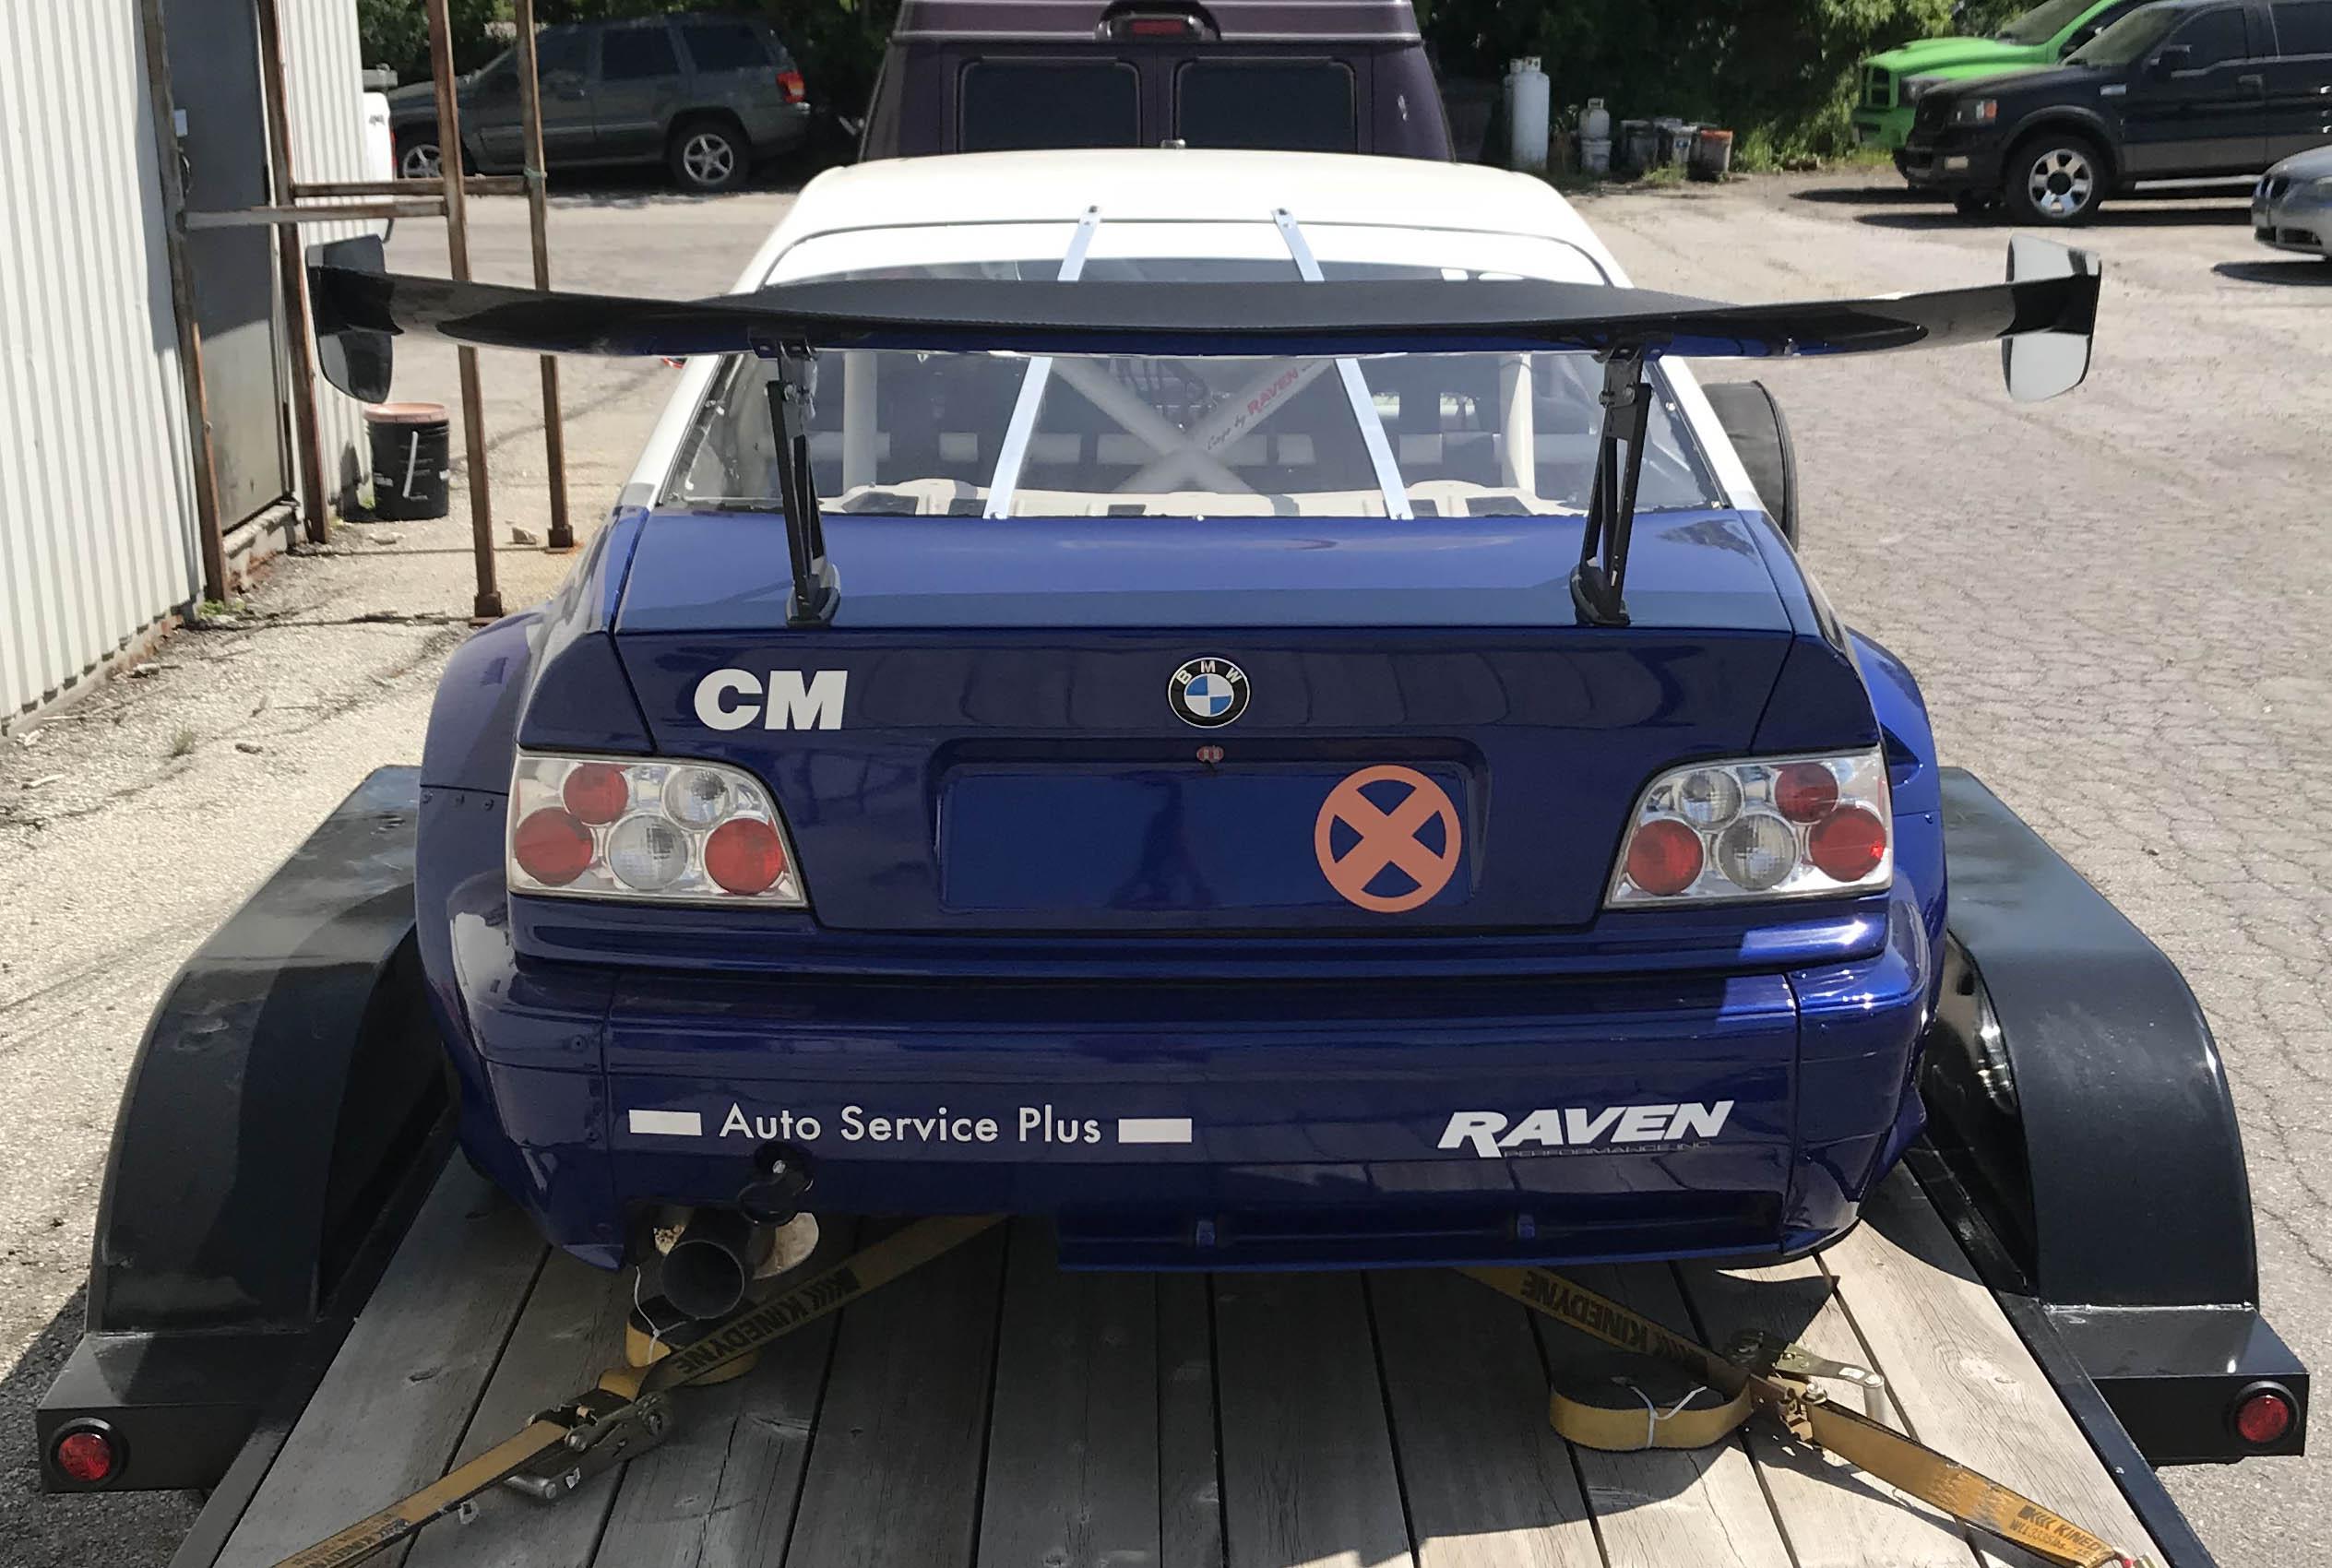 BMW E36 416HP C-Mod Race Car À vendre in Toronto - $55000